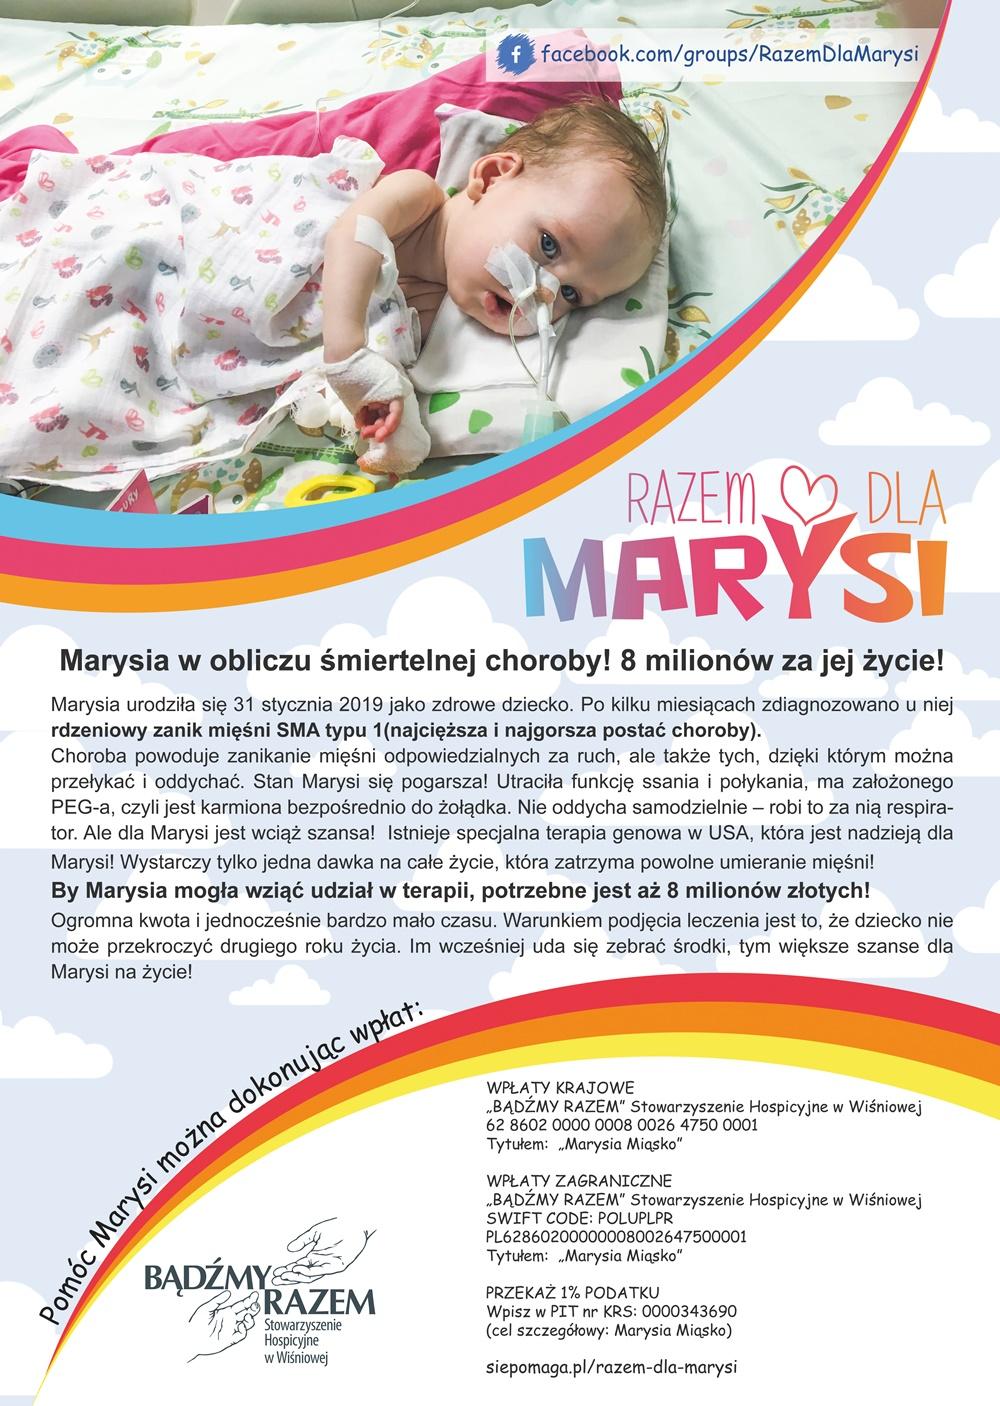 Razem dla Marysi - akcja charytatywna, plakat informacyjny